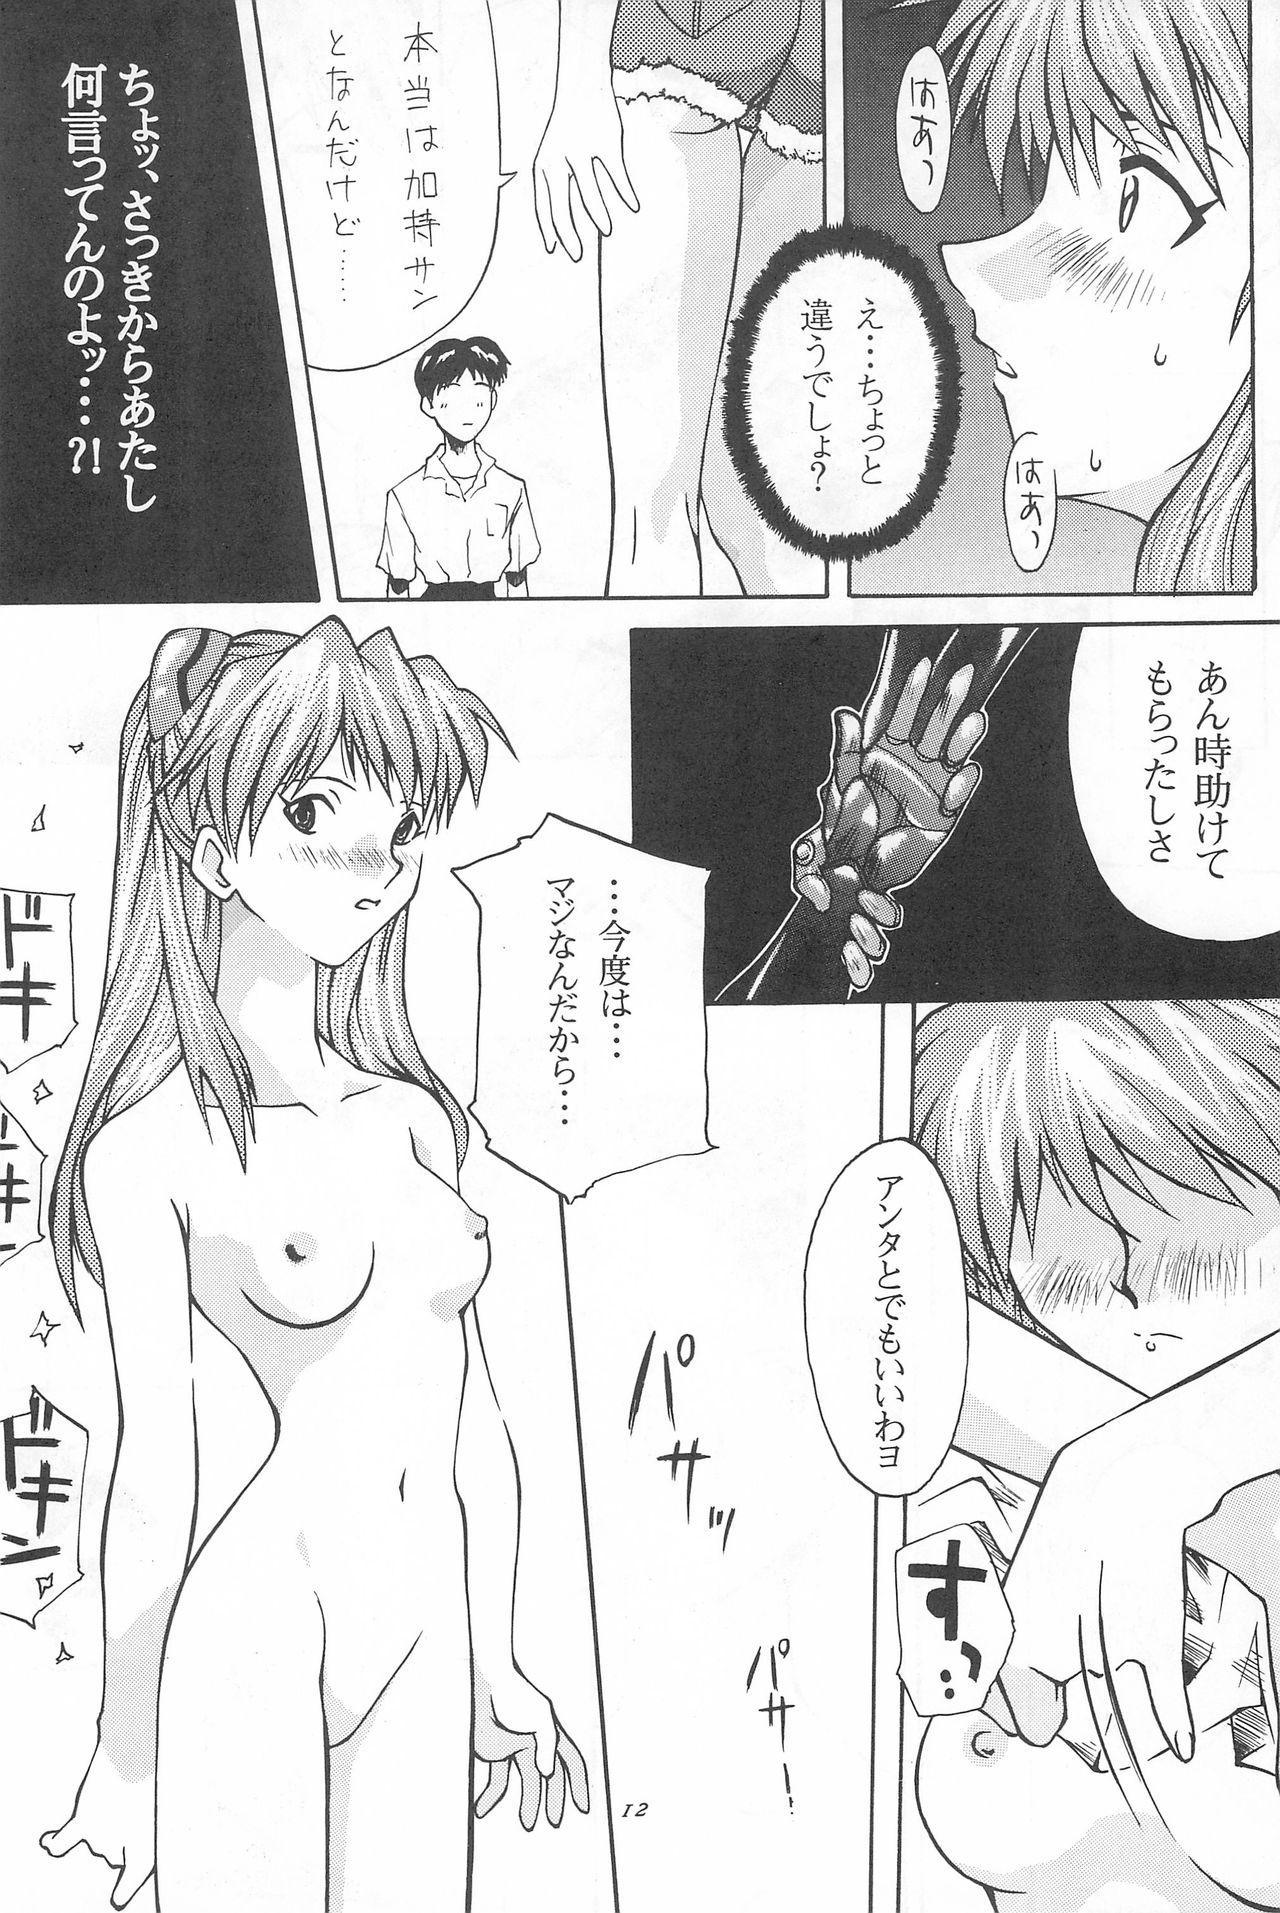 Youseiki Evanlolibon 11